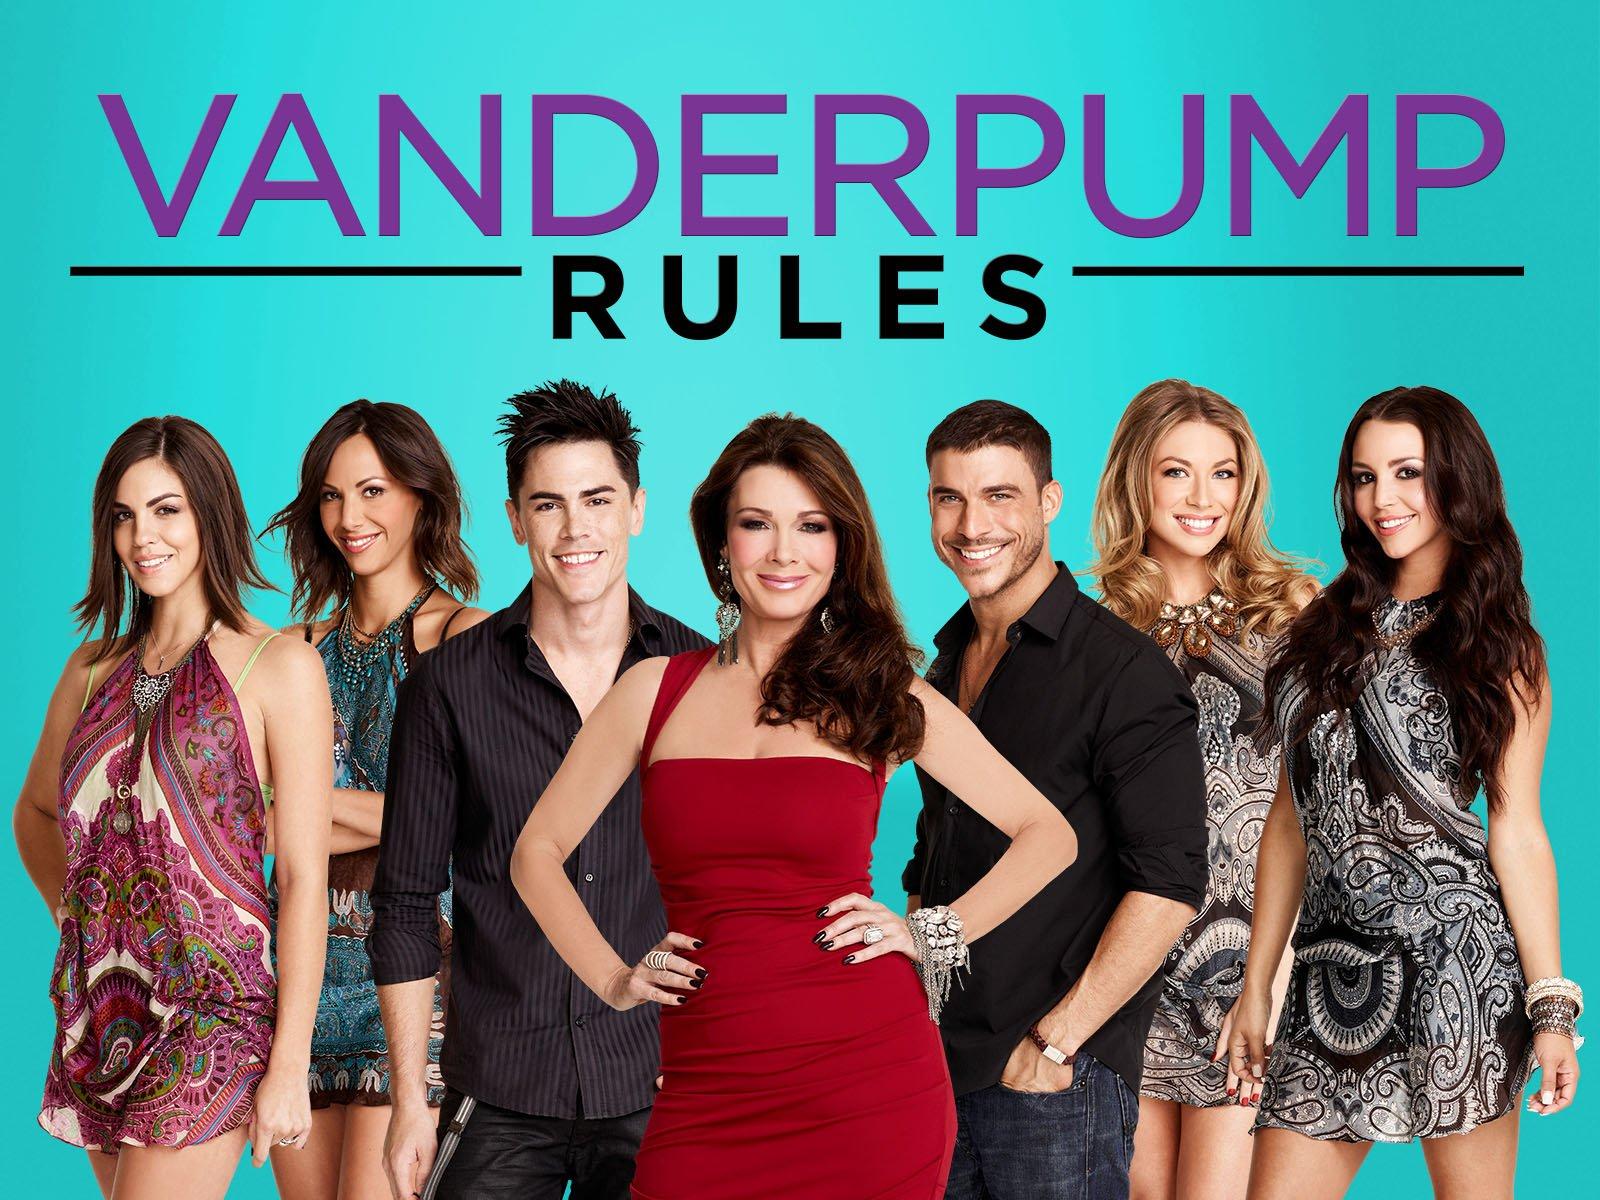 vanderpump rules season 6 reunion part 3 online free